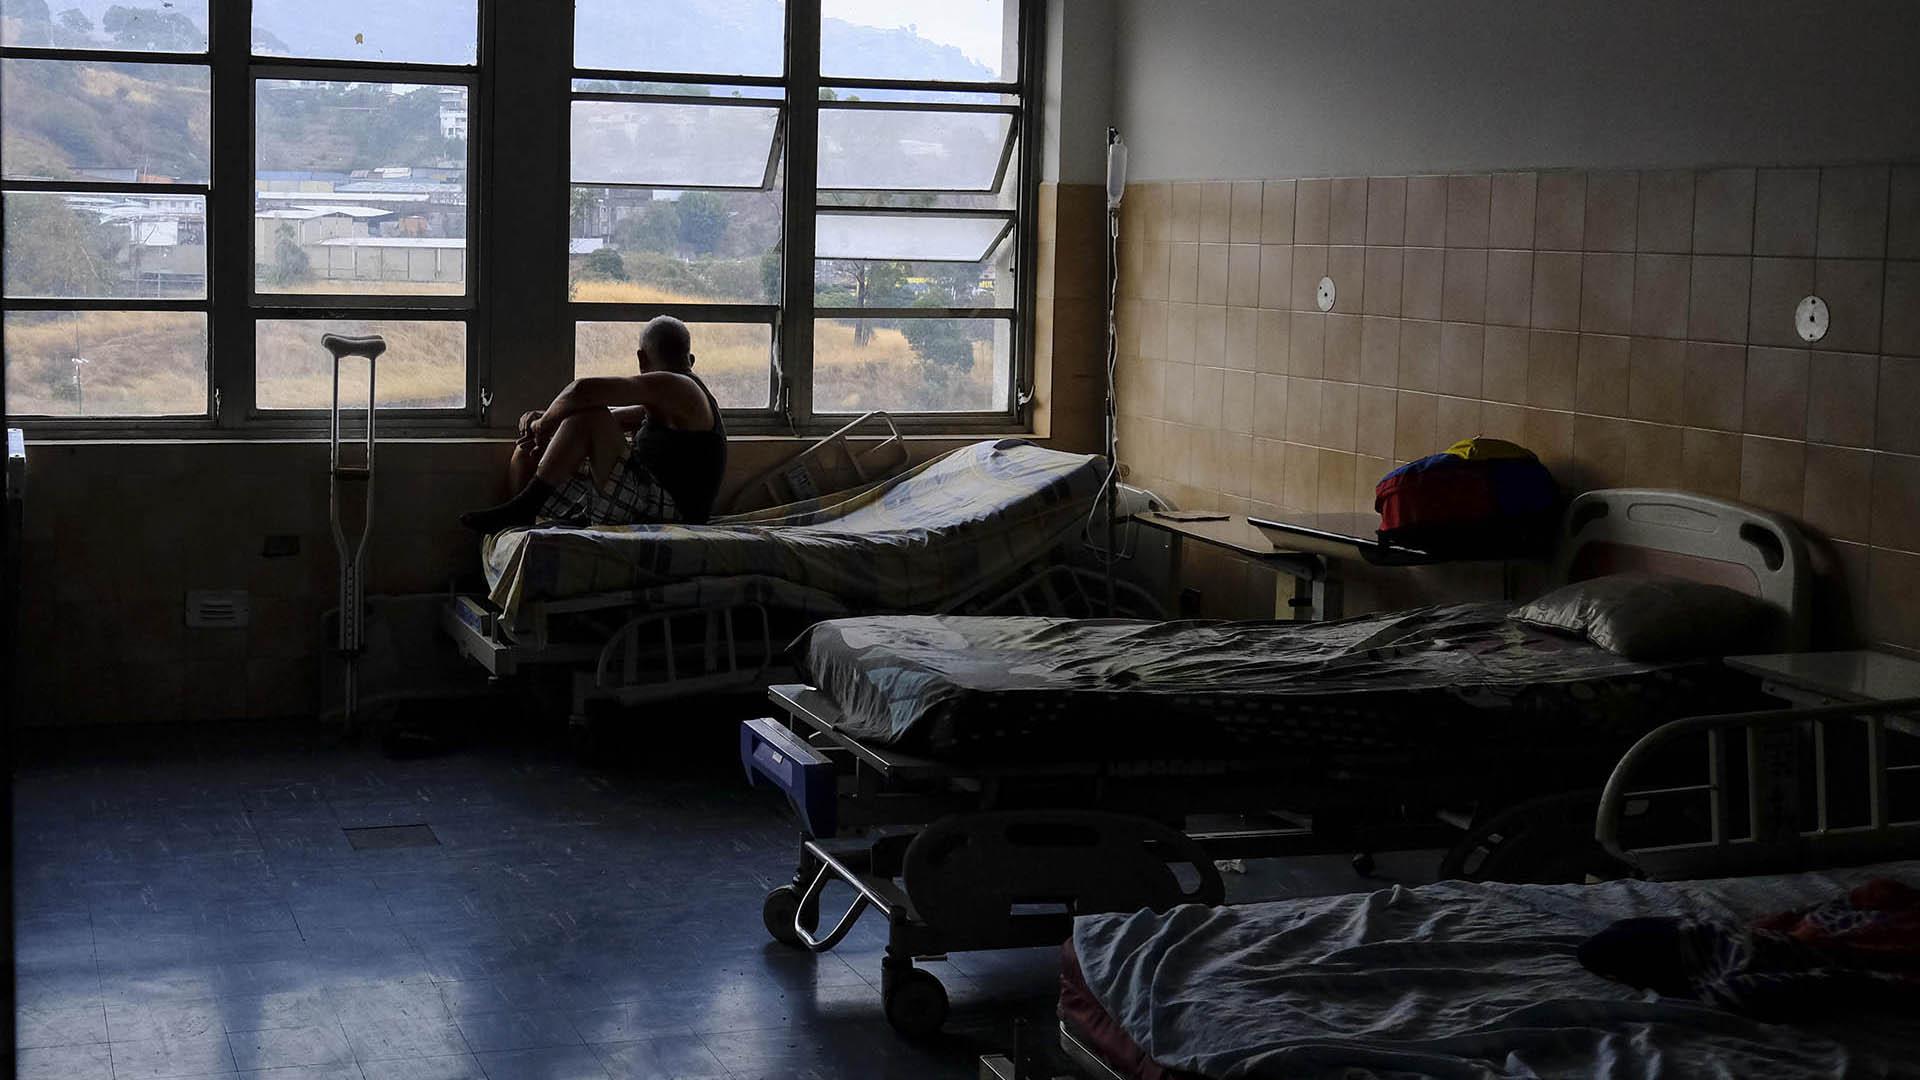 La crisis sanitaria se agrava año a año en Venezuela (AFP)